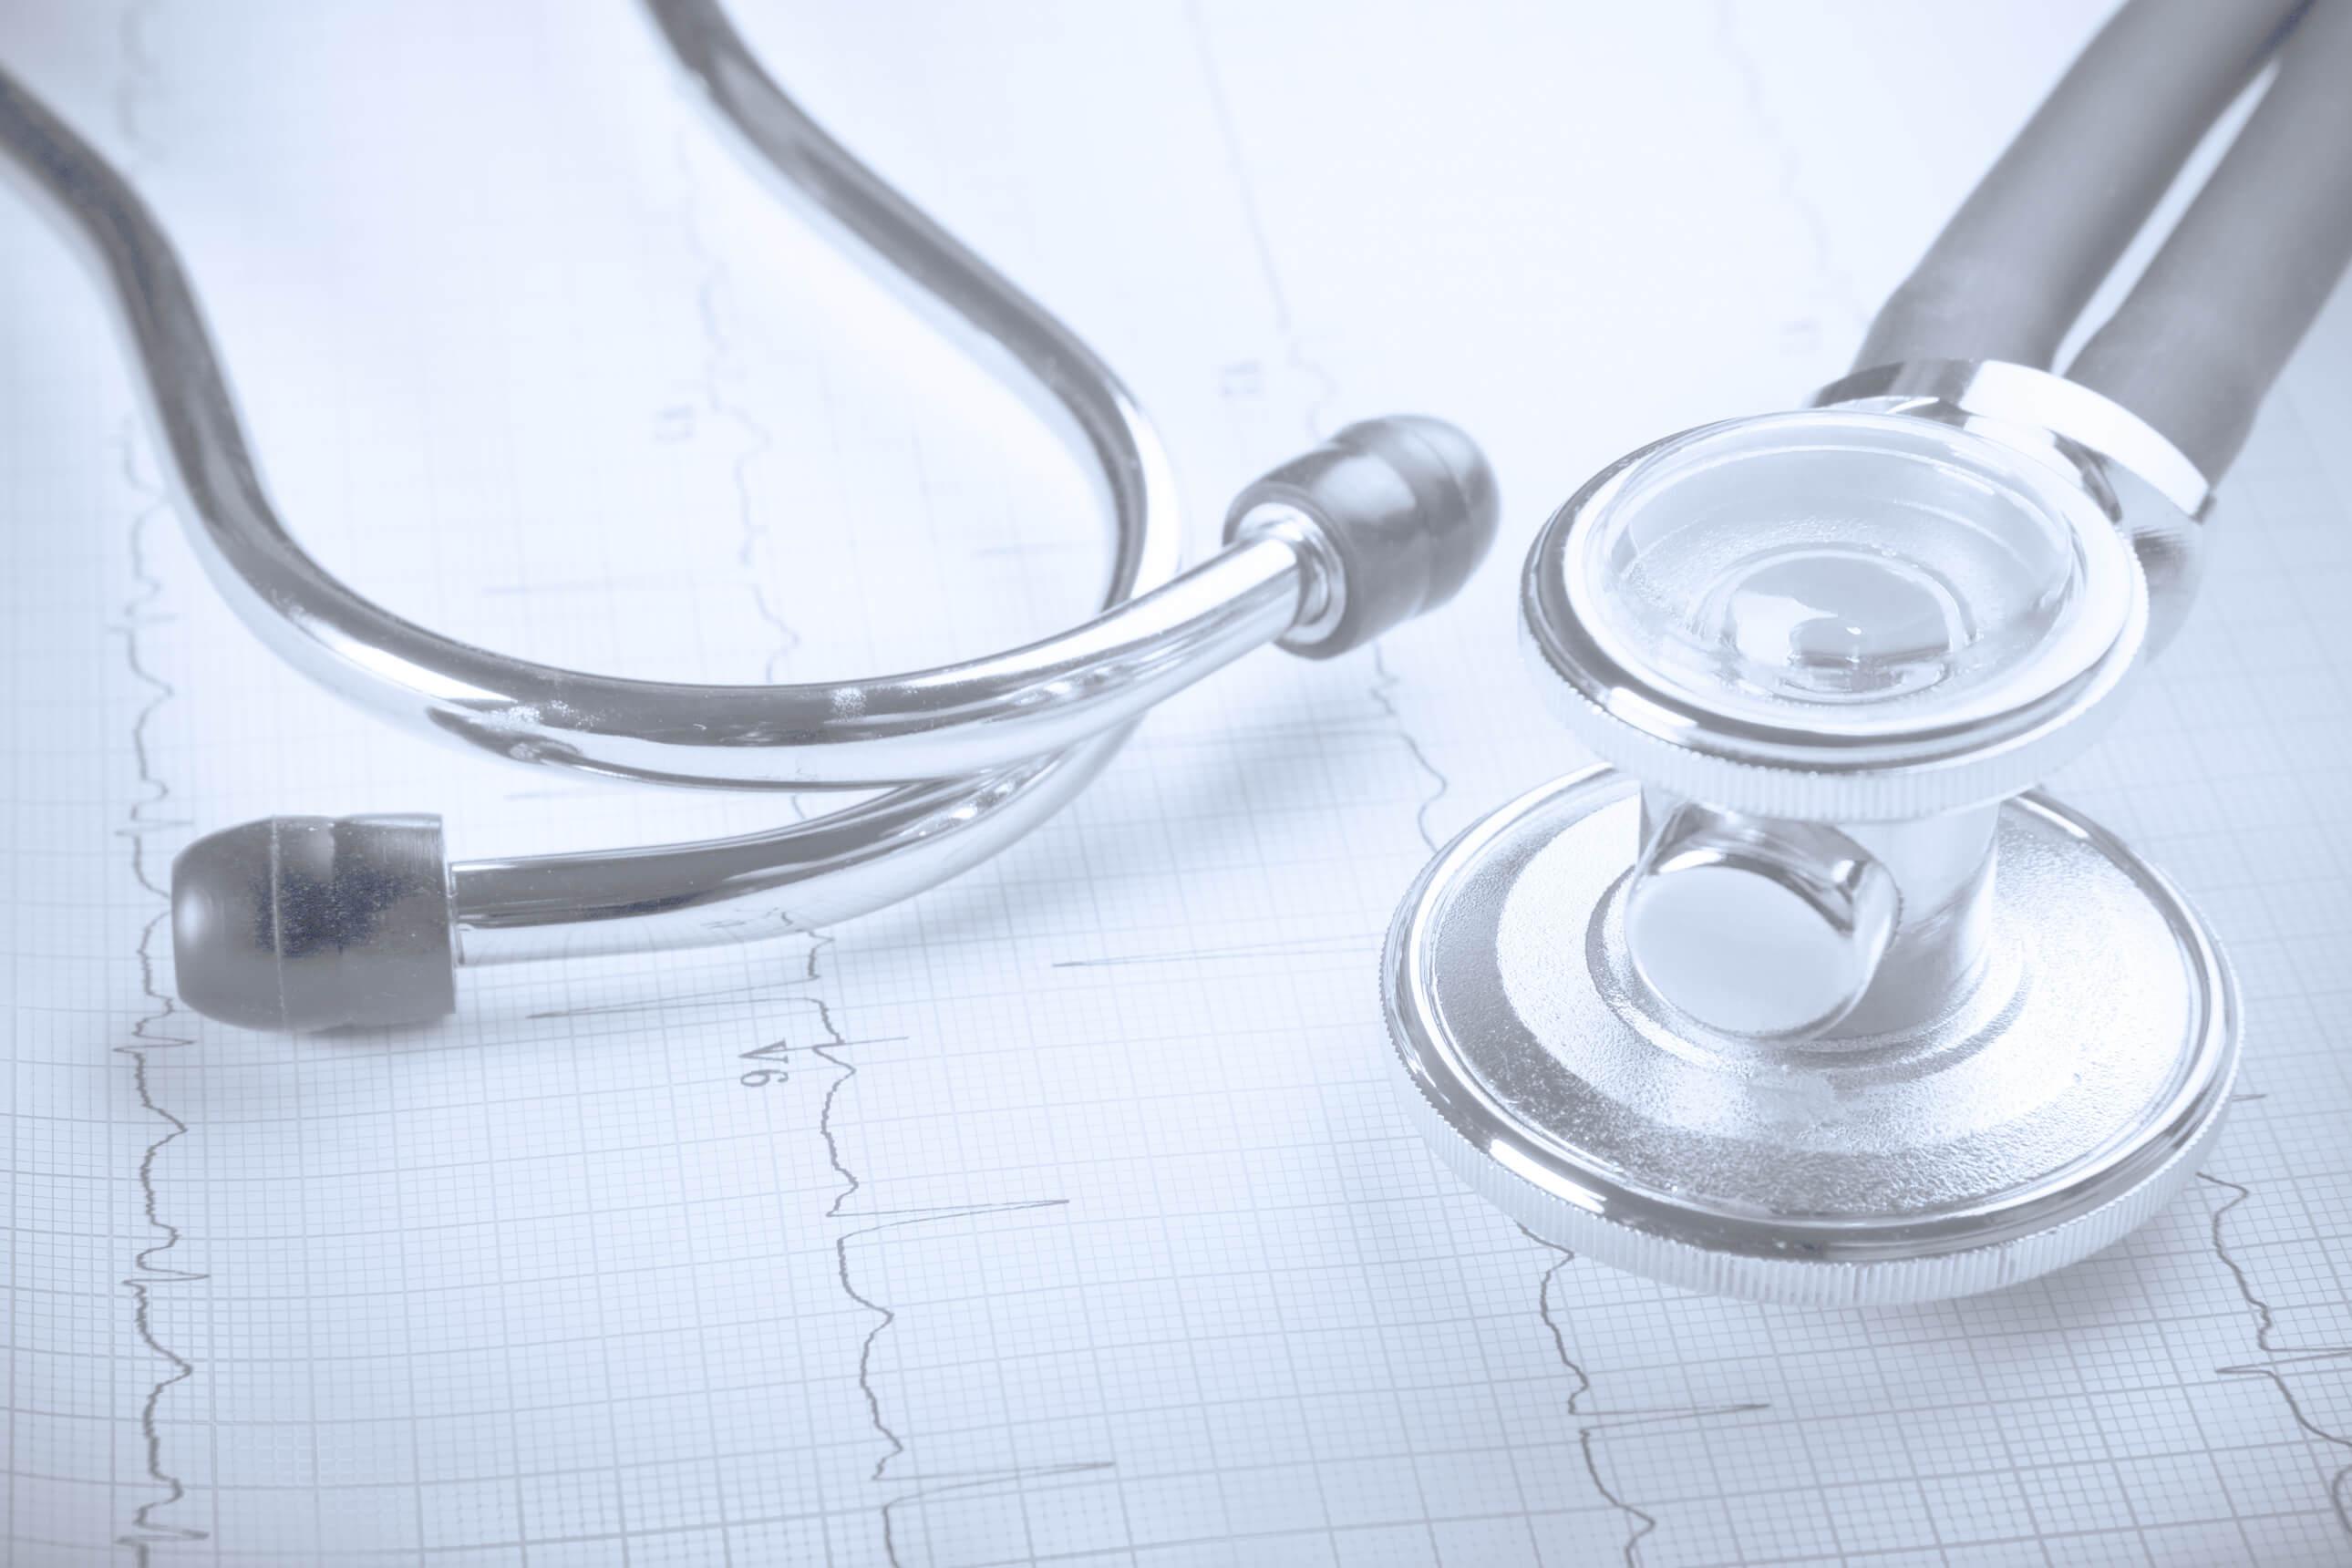 seguros de salud home